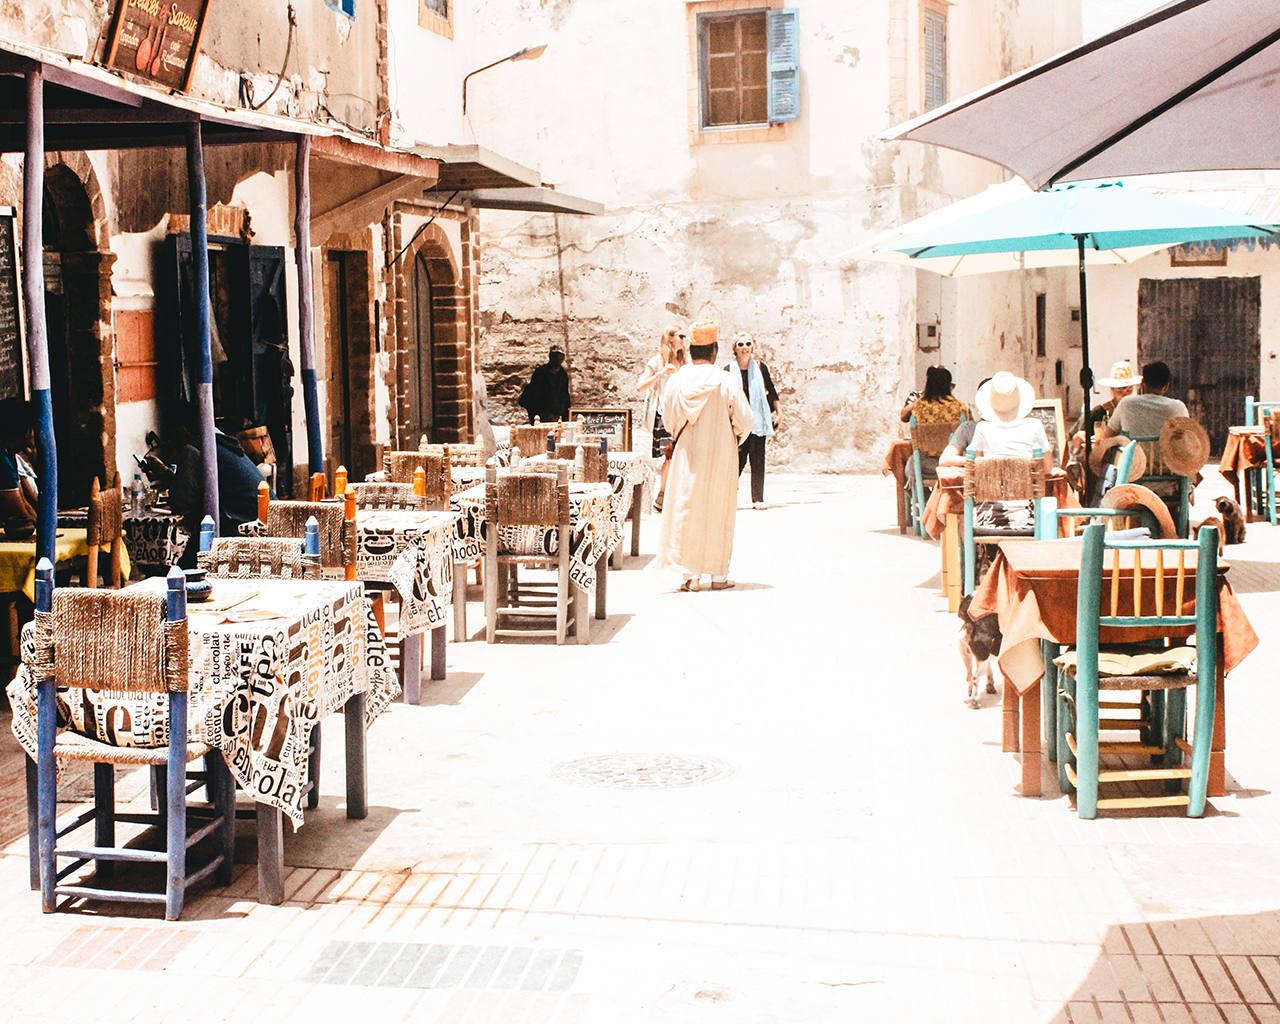 Отзывы об отдыхе в Марокко